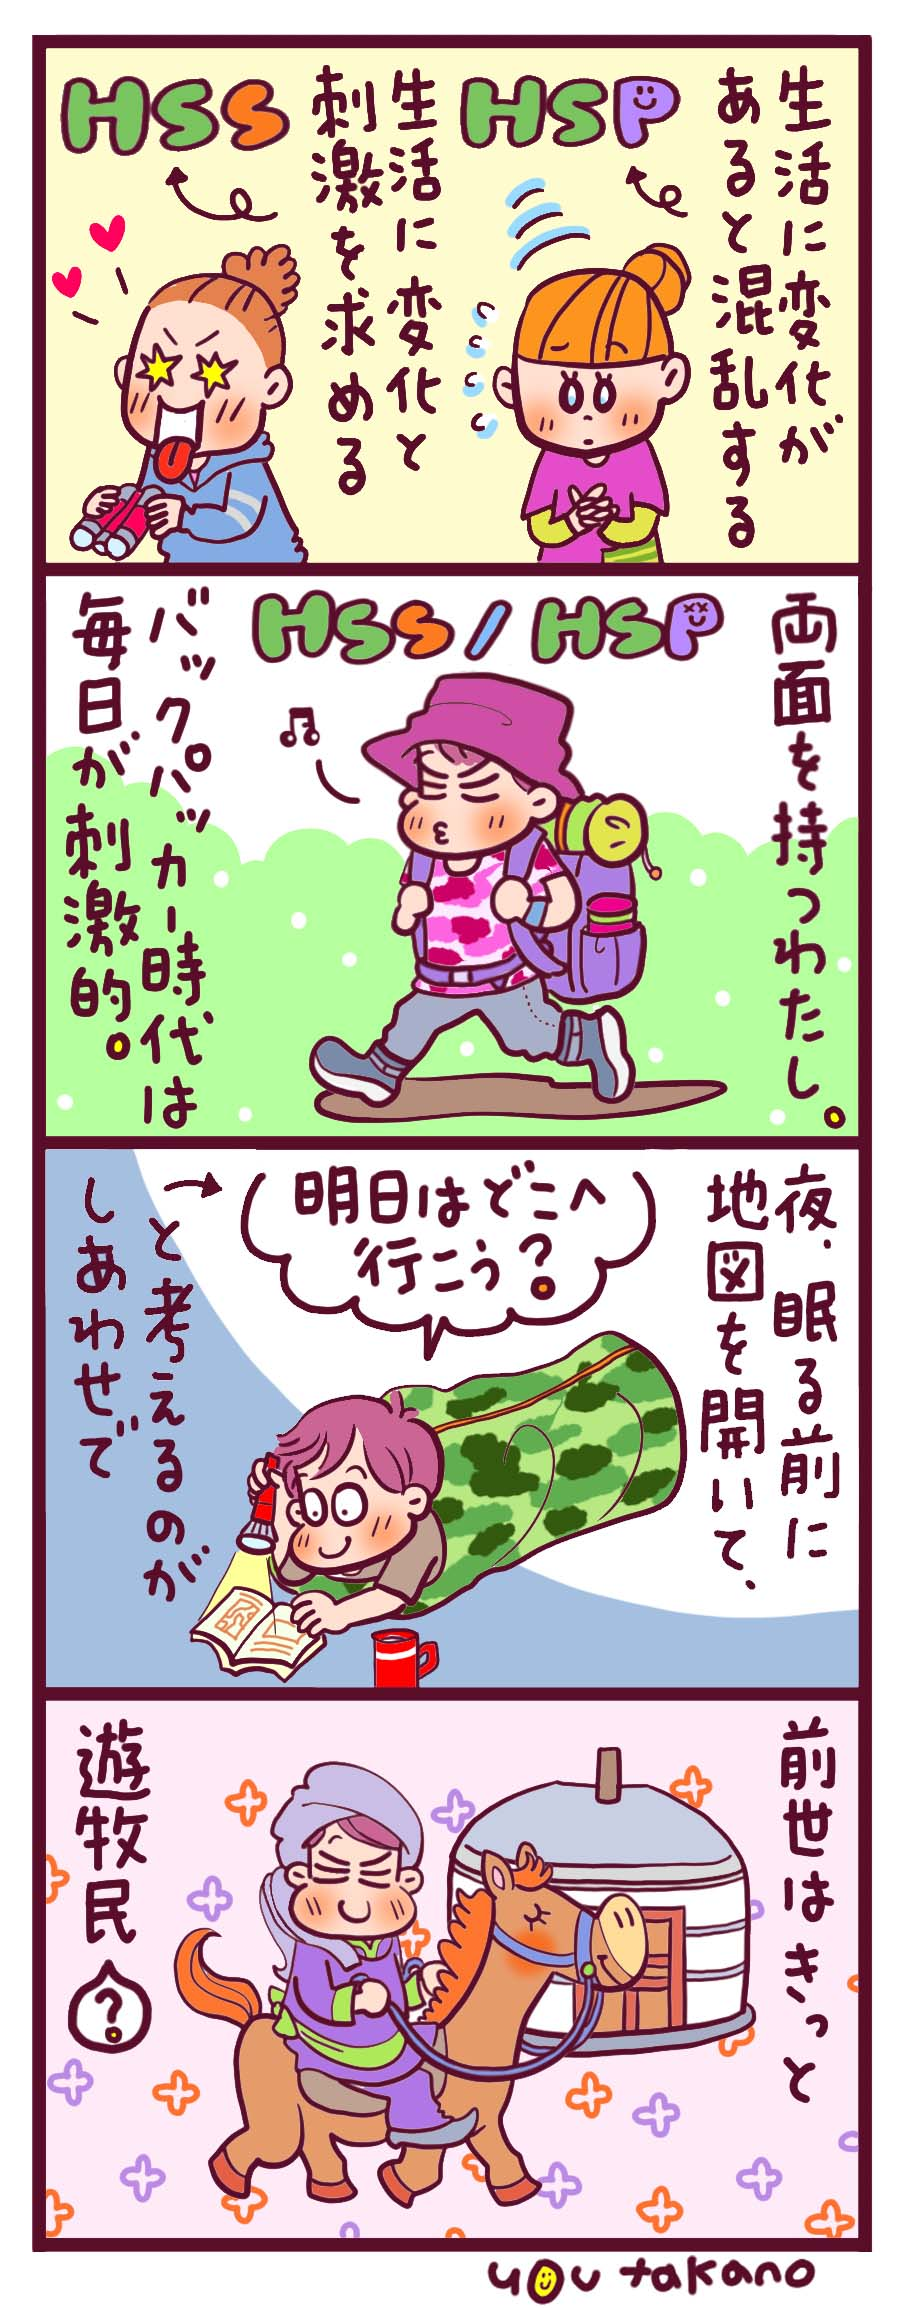 高野優のHSPマンガ